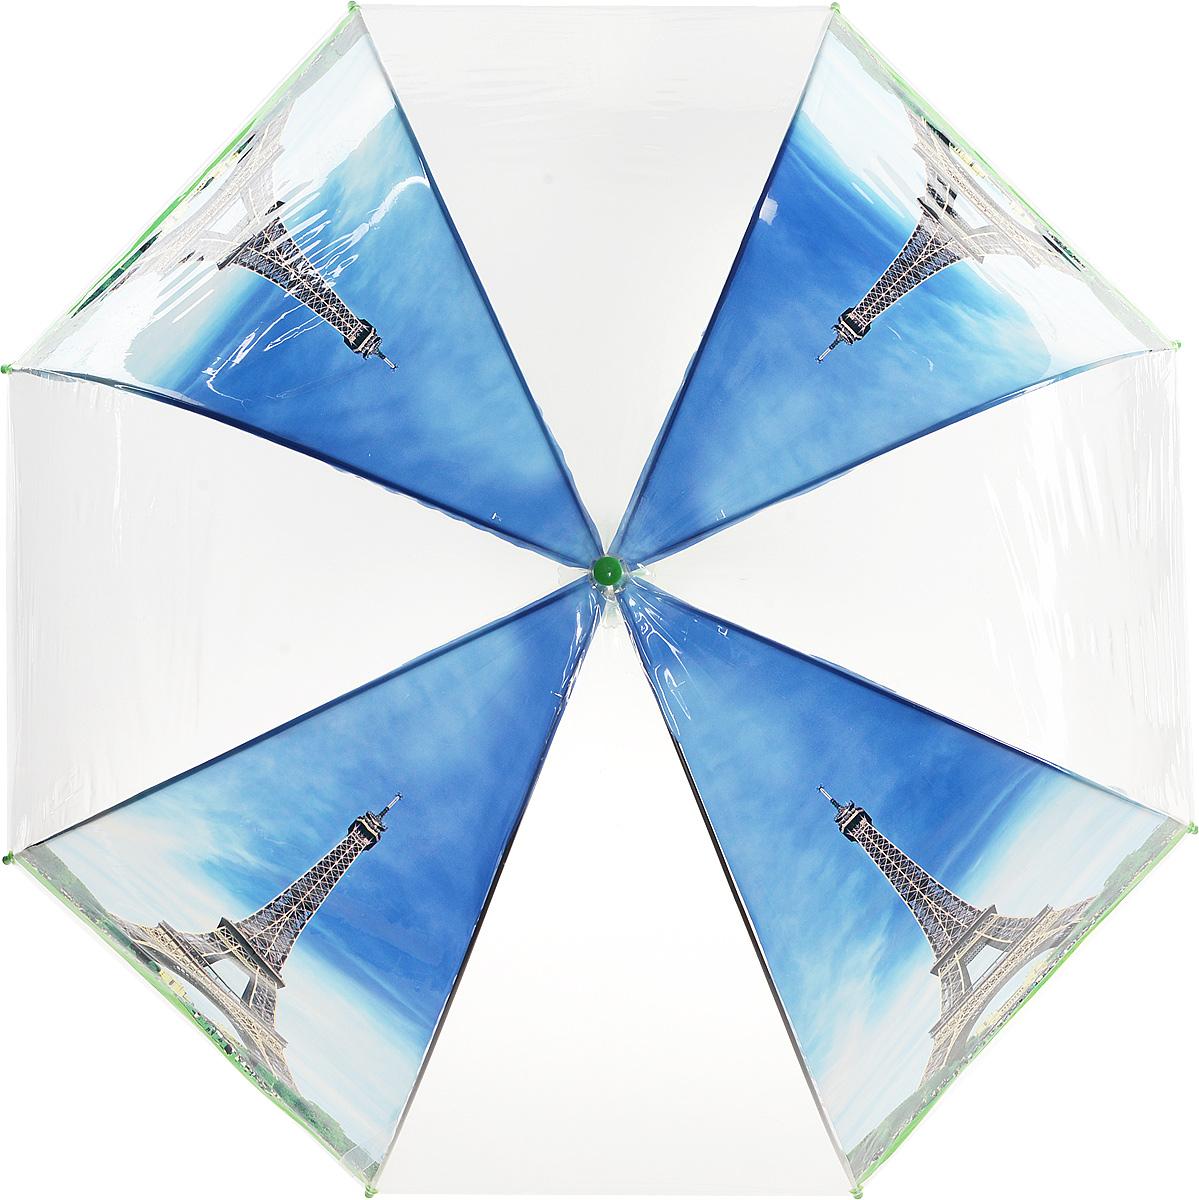 Зонт Kawaii Factory Paris Day, цвет: прозрачный, голубой, зеленый. KW042-000164CX1516-50-10Стильный прозрачный зонт-трость Paris Day от Kawaii Factory станет вам бесценным помощником в любую непогоду. Этому аксессуару не страшен ни проливной дождь, ни сильный ветер. Его главные преимущества - большой купол и прочная конструкция. Зонт состоит из стержня и 8 спиц, изготовленных из металла. Купол изготовлен из качественного ПВХ, который надежно защитит вас от дождя. Зонт дополнен удобной ручкой из пластика, которая выполнена в виде крючка. Также зонт имеет пластиковый наконечник, который устраняет попадание воды на стержень и уберегает зонт от повреждений.Изделие имеет полуавтоматический механизм сложения: купол открывается нажатием кнопки на ручке, а складывается вручную до характерного щелчка. Зонт закрывается хлястиком на кнопку.Яркий прозрачный зонт-трость Paris Day примечателен еще и стильным рисунком. На нем красуется известная всему миру парижская достопримечательность. С такой картиной затеряться в толпе просто невозможно.